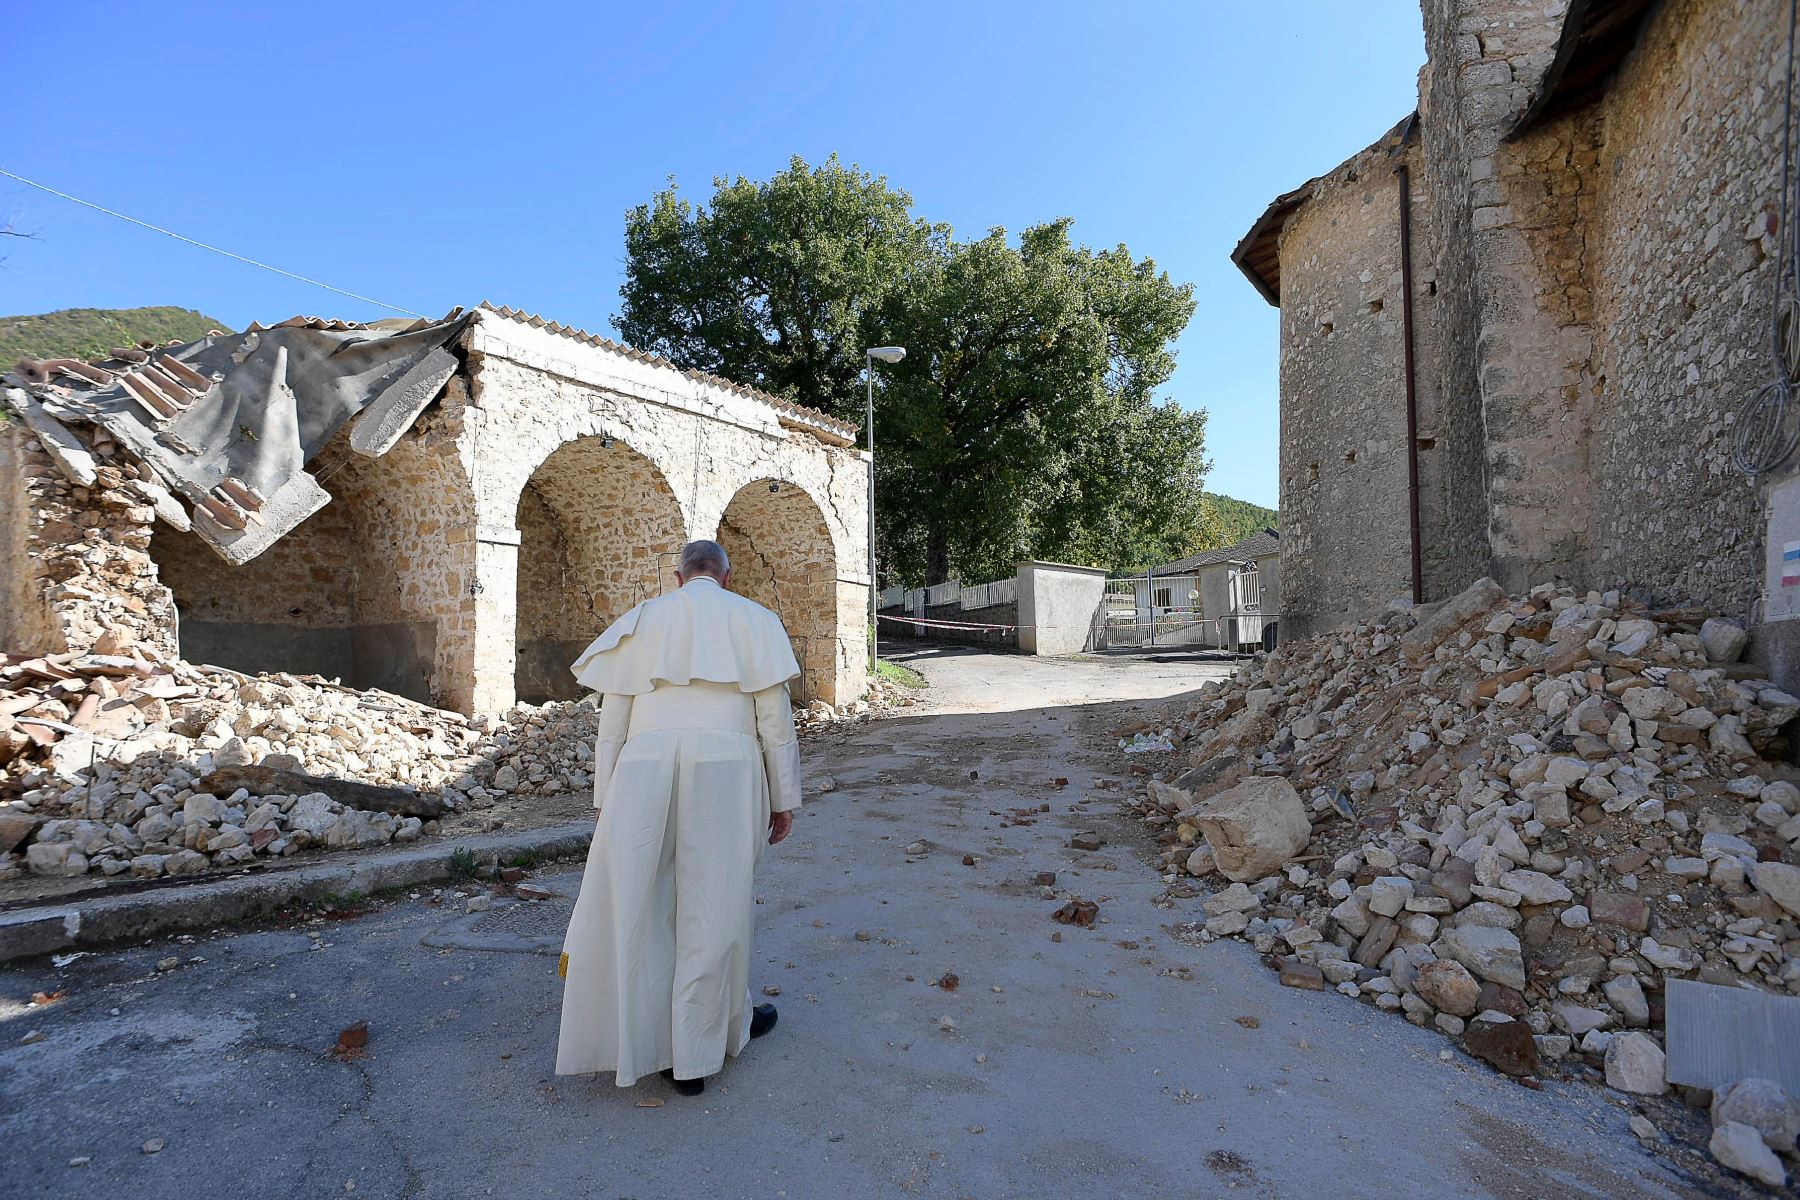 El Papa Francisco visita la ciudad de Amatrice, arrasada por un terremoto.Foto: AFP